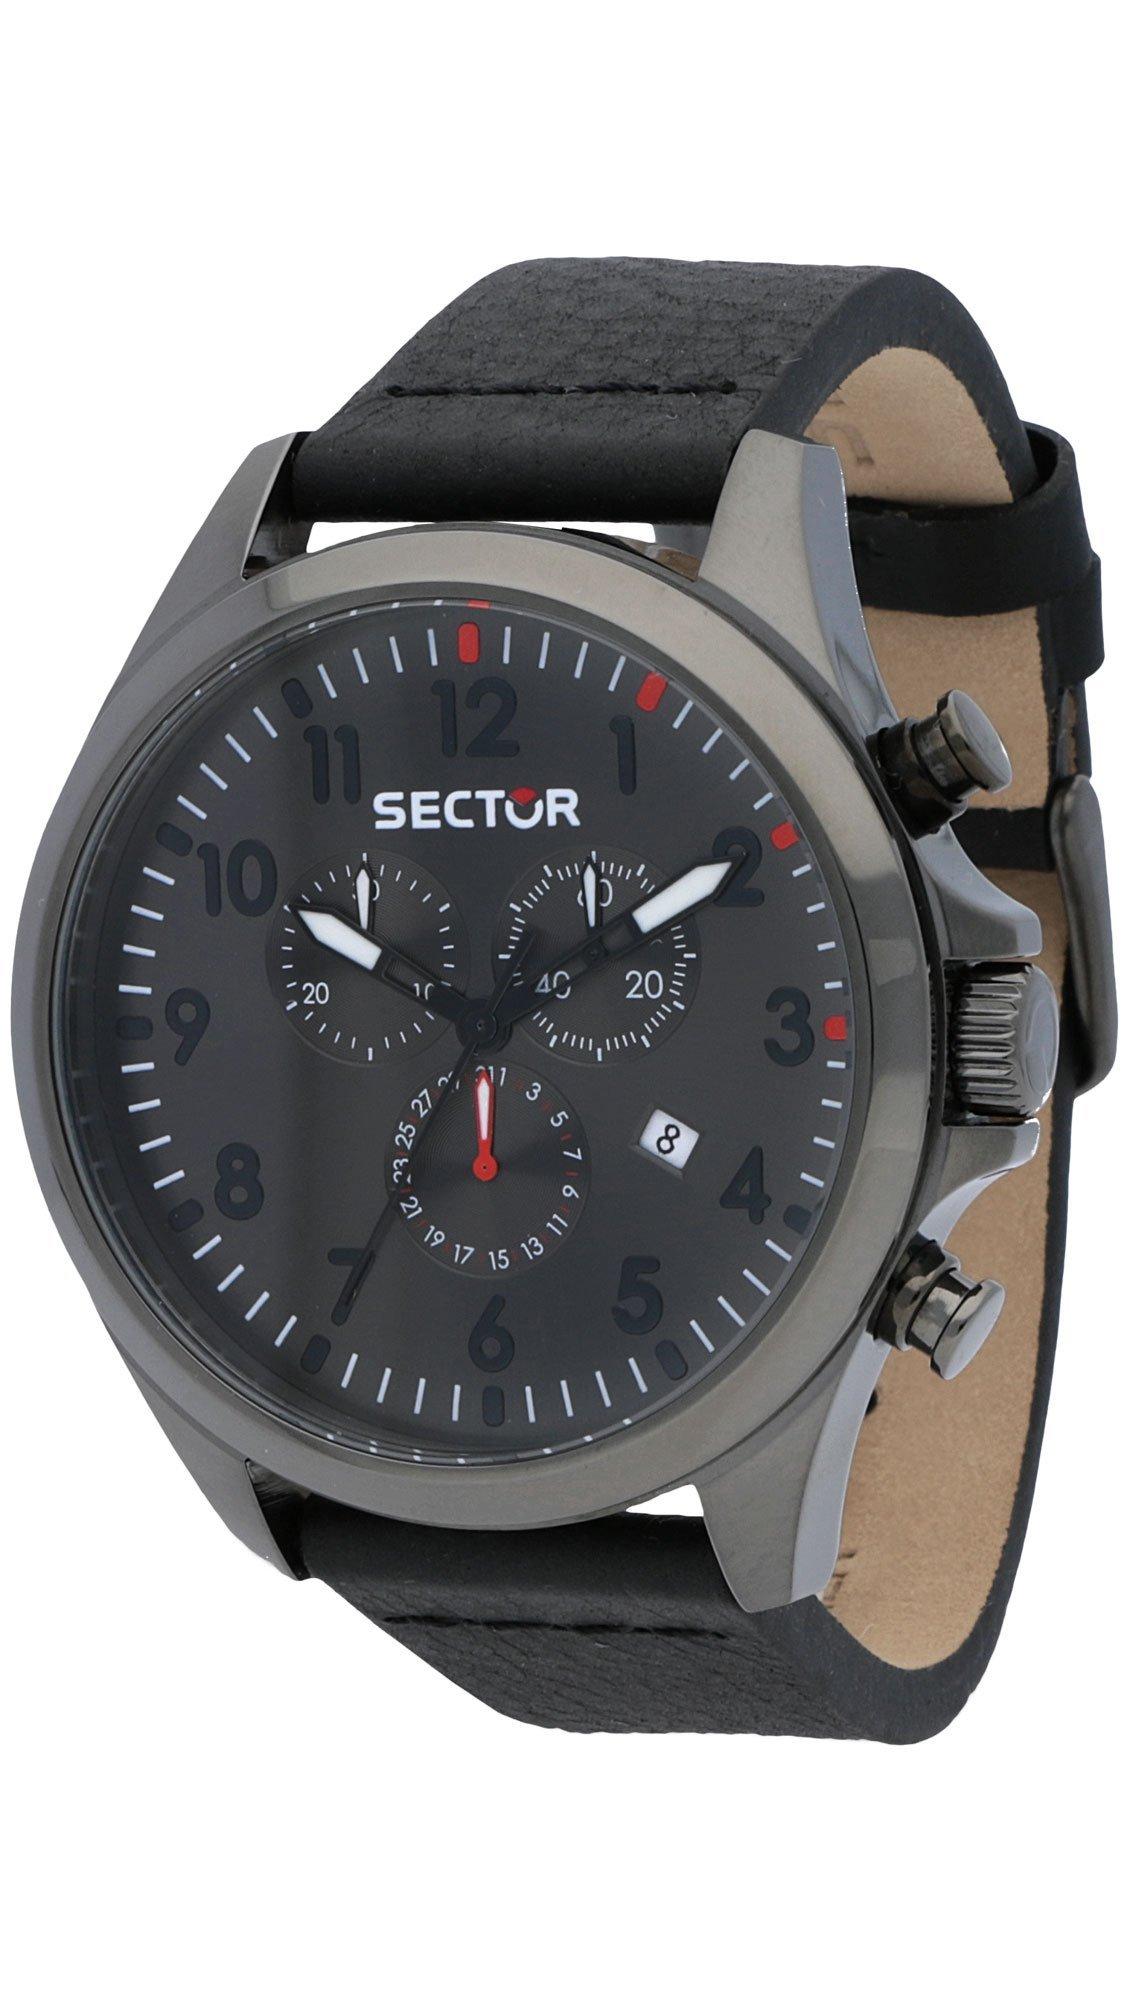 Ρολόι Sector 180 Contemporary χρονογράφος με μαύρο λουράκι R3271690026 5d59d900900